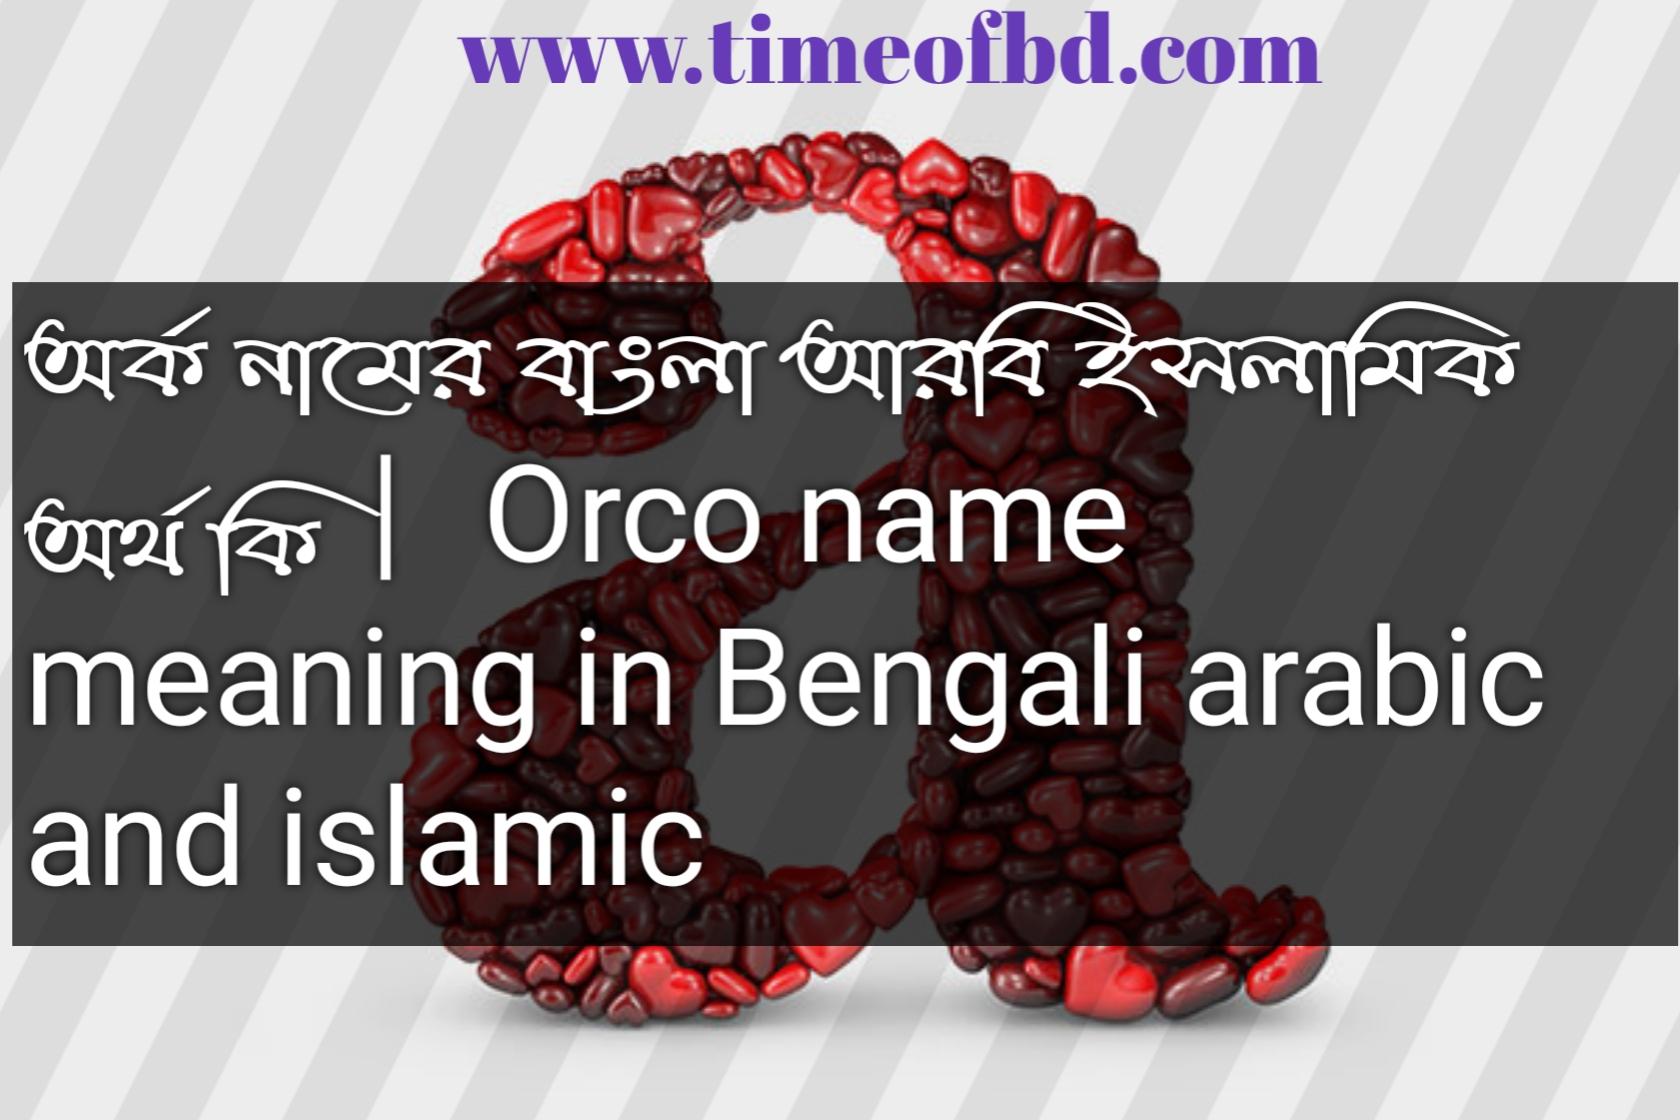 অর্ক নামের অর্থ কি, অর্ক নামের বাংলা অর্থ কি, অর্ক নামের ইসলামিক অর্থ কি, Orco name in Bengali, অর্ক কি ইসলামিক নাম,